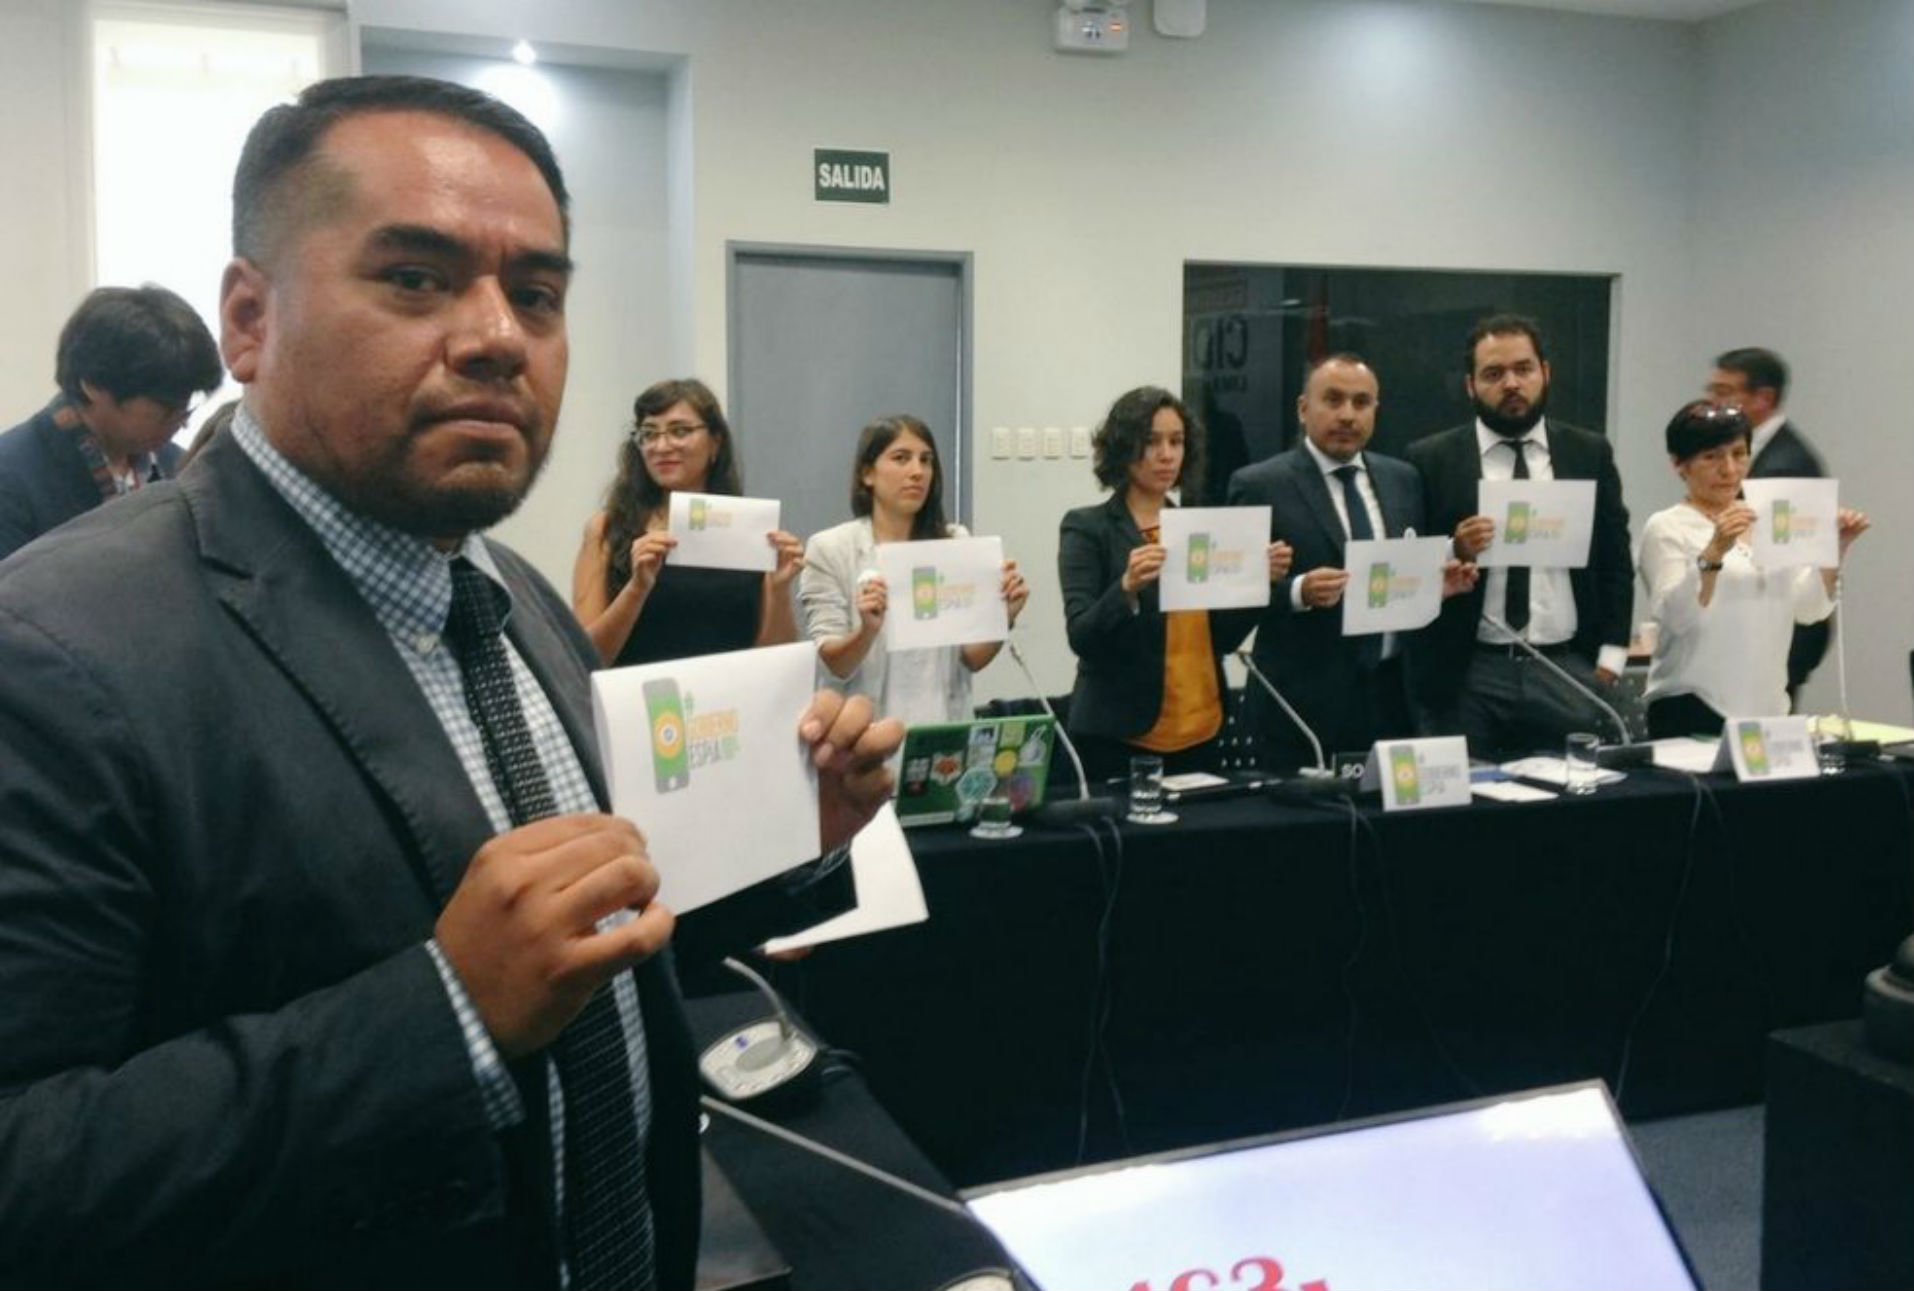 Sociedad civil señala al #GobiernoEspía durante audiencia de la CIDH